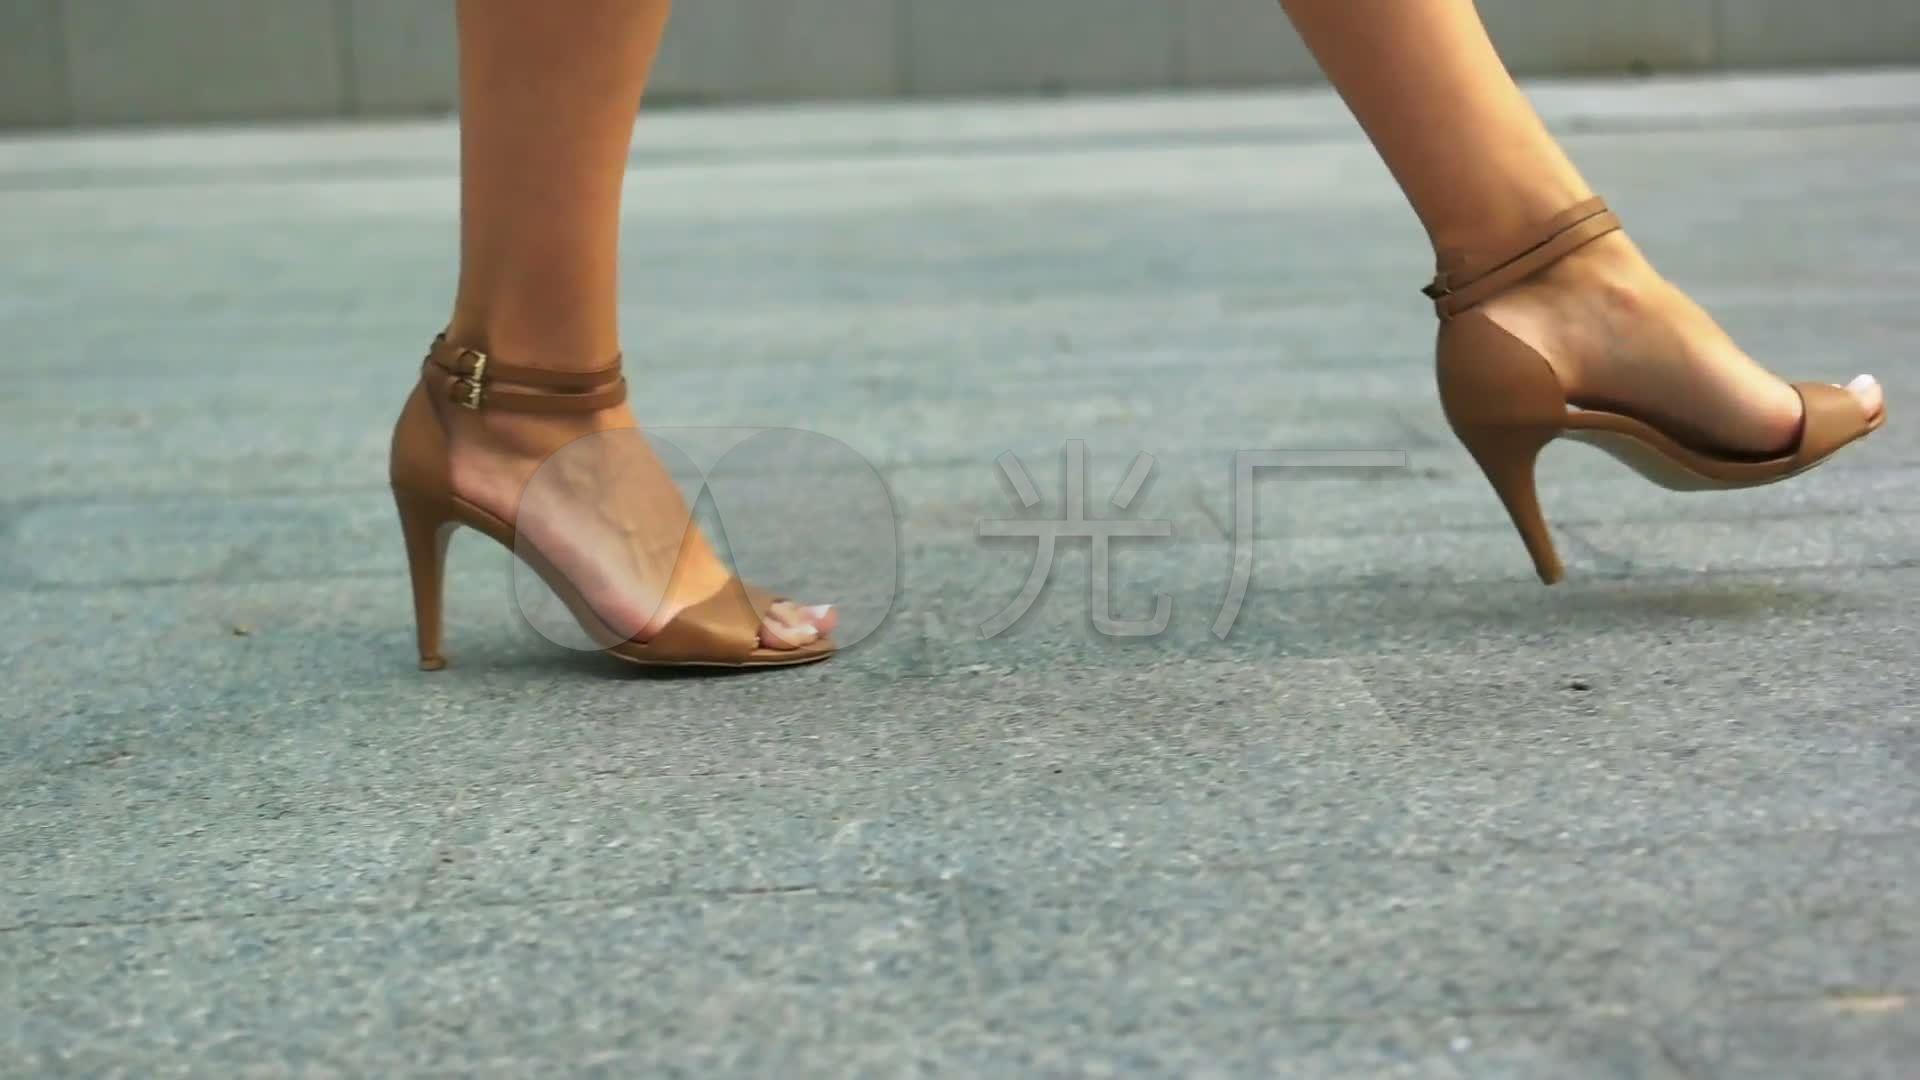 高跟鞋白领走路美女鞋子_1920X1080_高清视第一美女襄阳图片